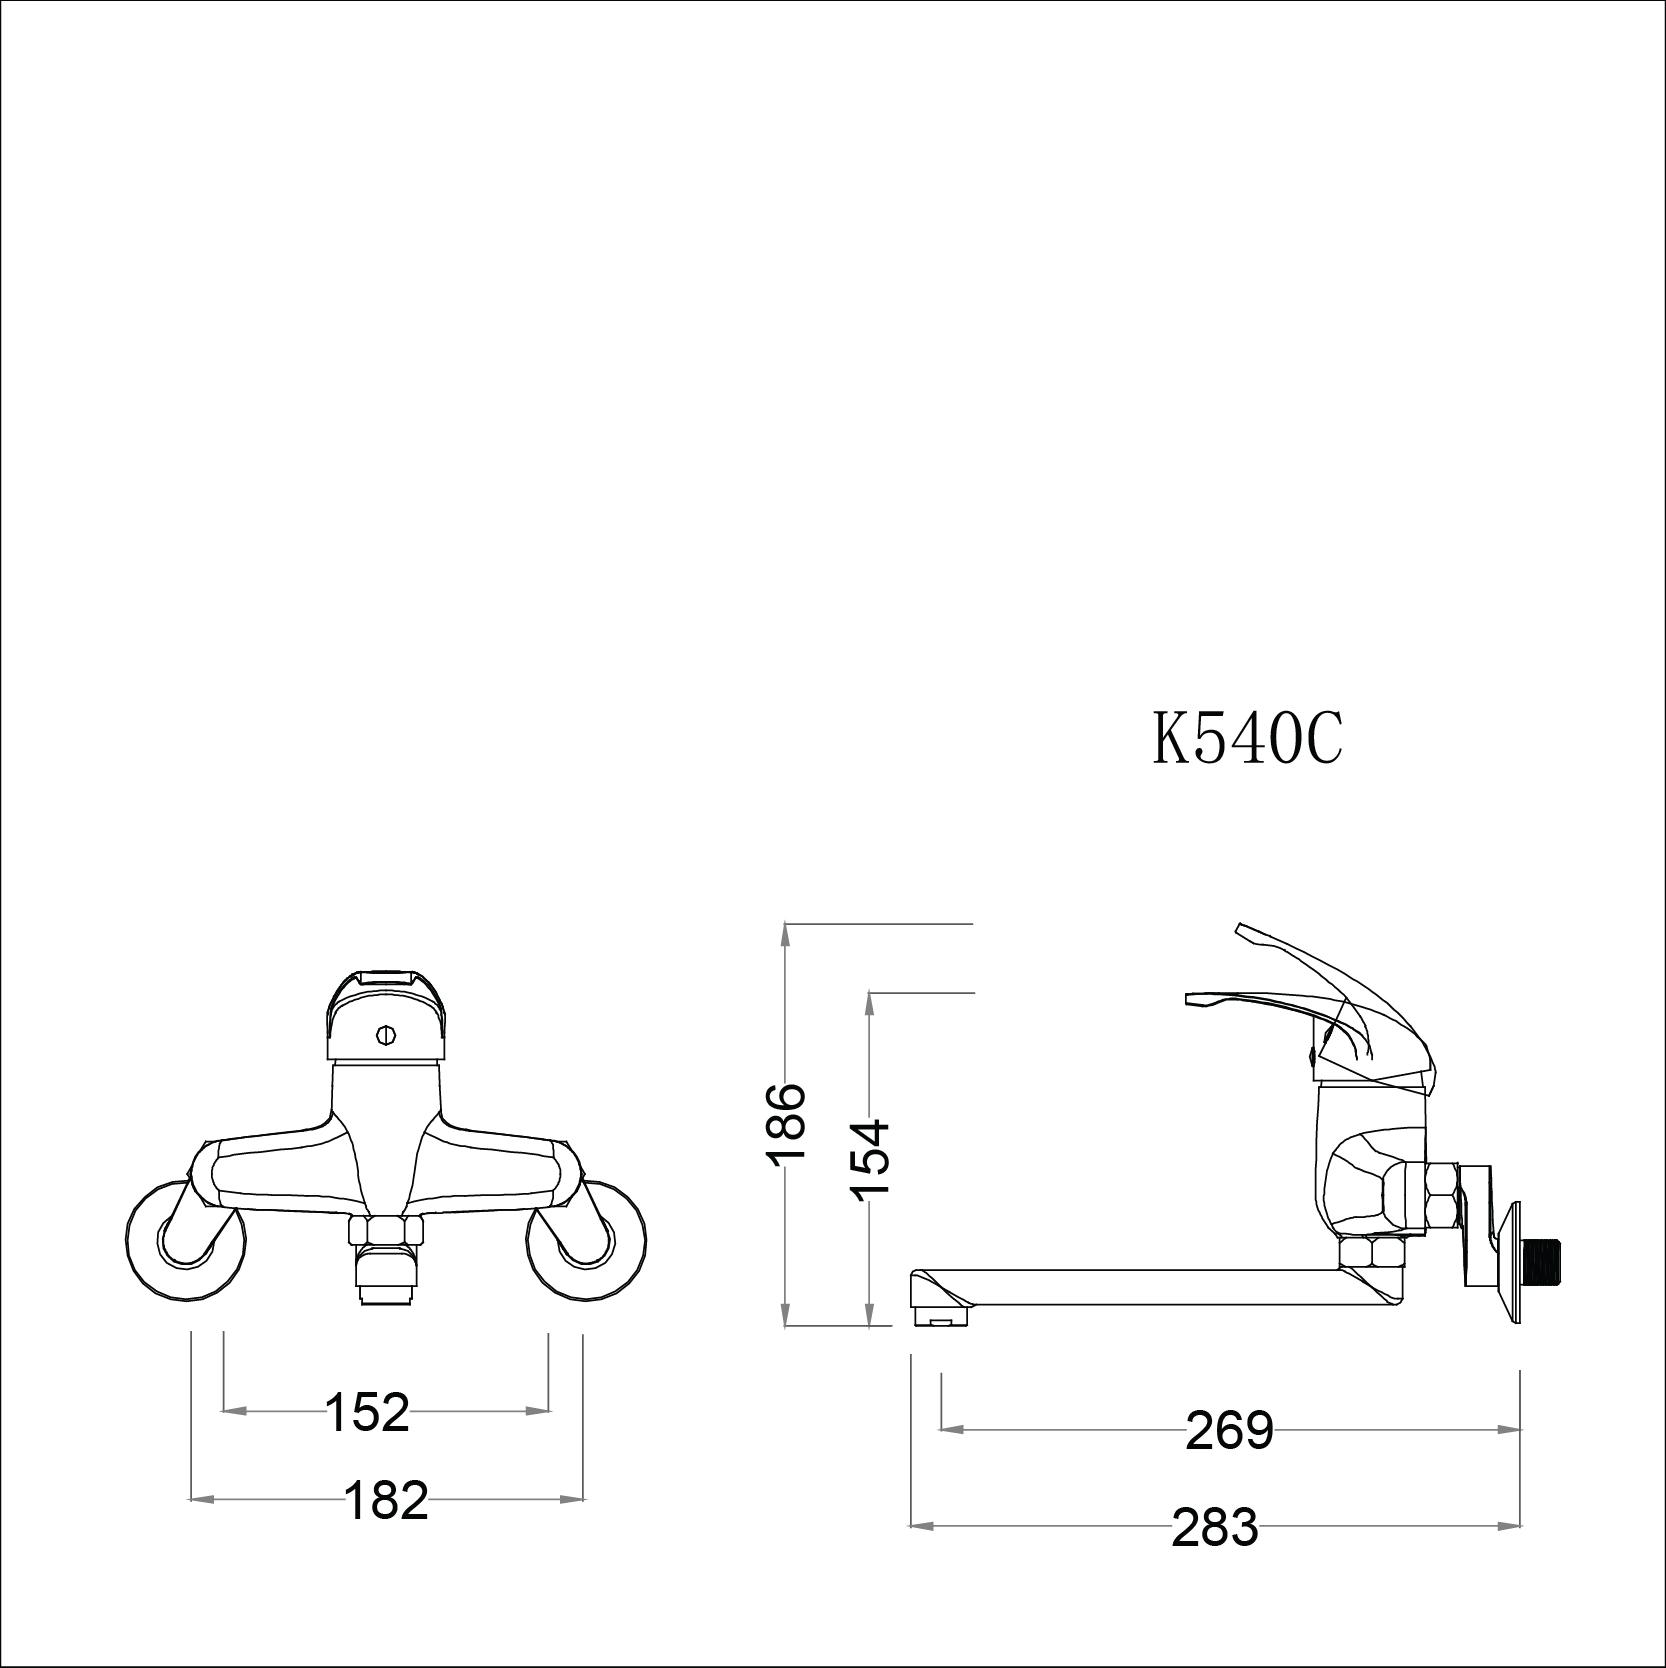 Vòi rửa bát (chén) nóng lạnh gắn tường Caesar K540C - chiều dài vòi 275mm